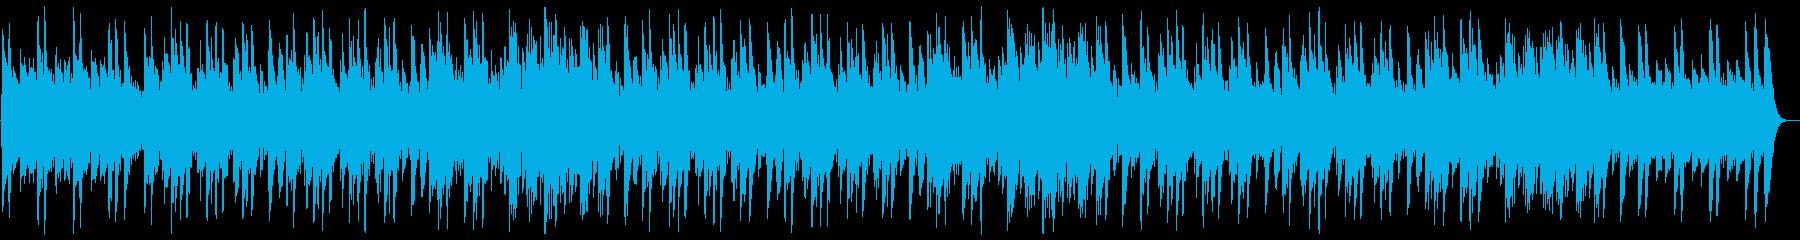 優しく幻想的なヒーリングソングの再生済みの波形